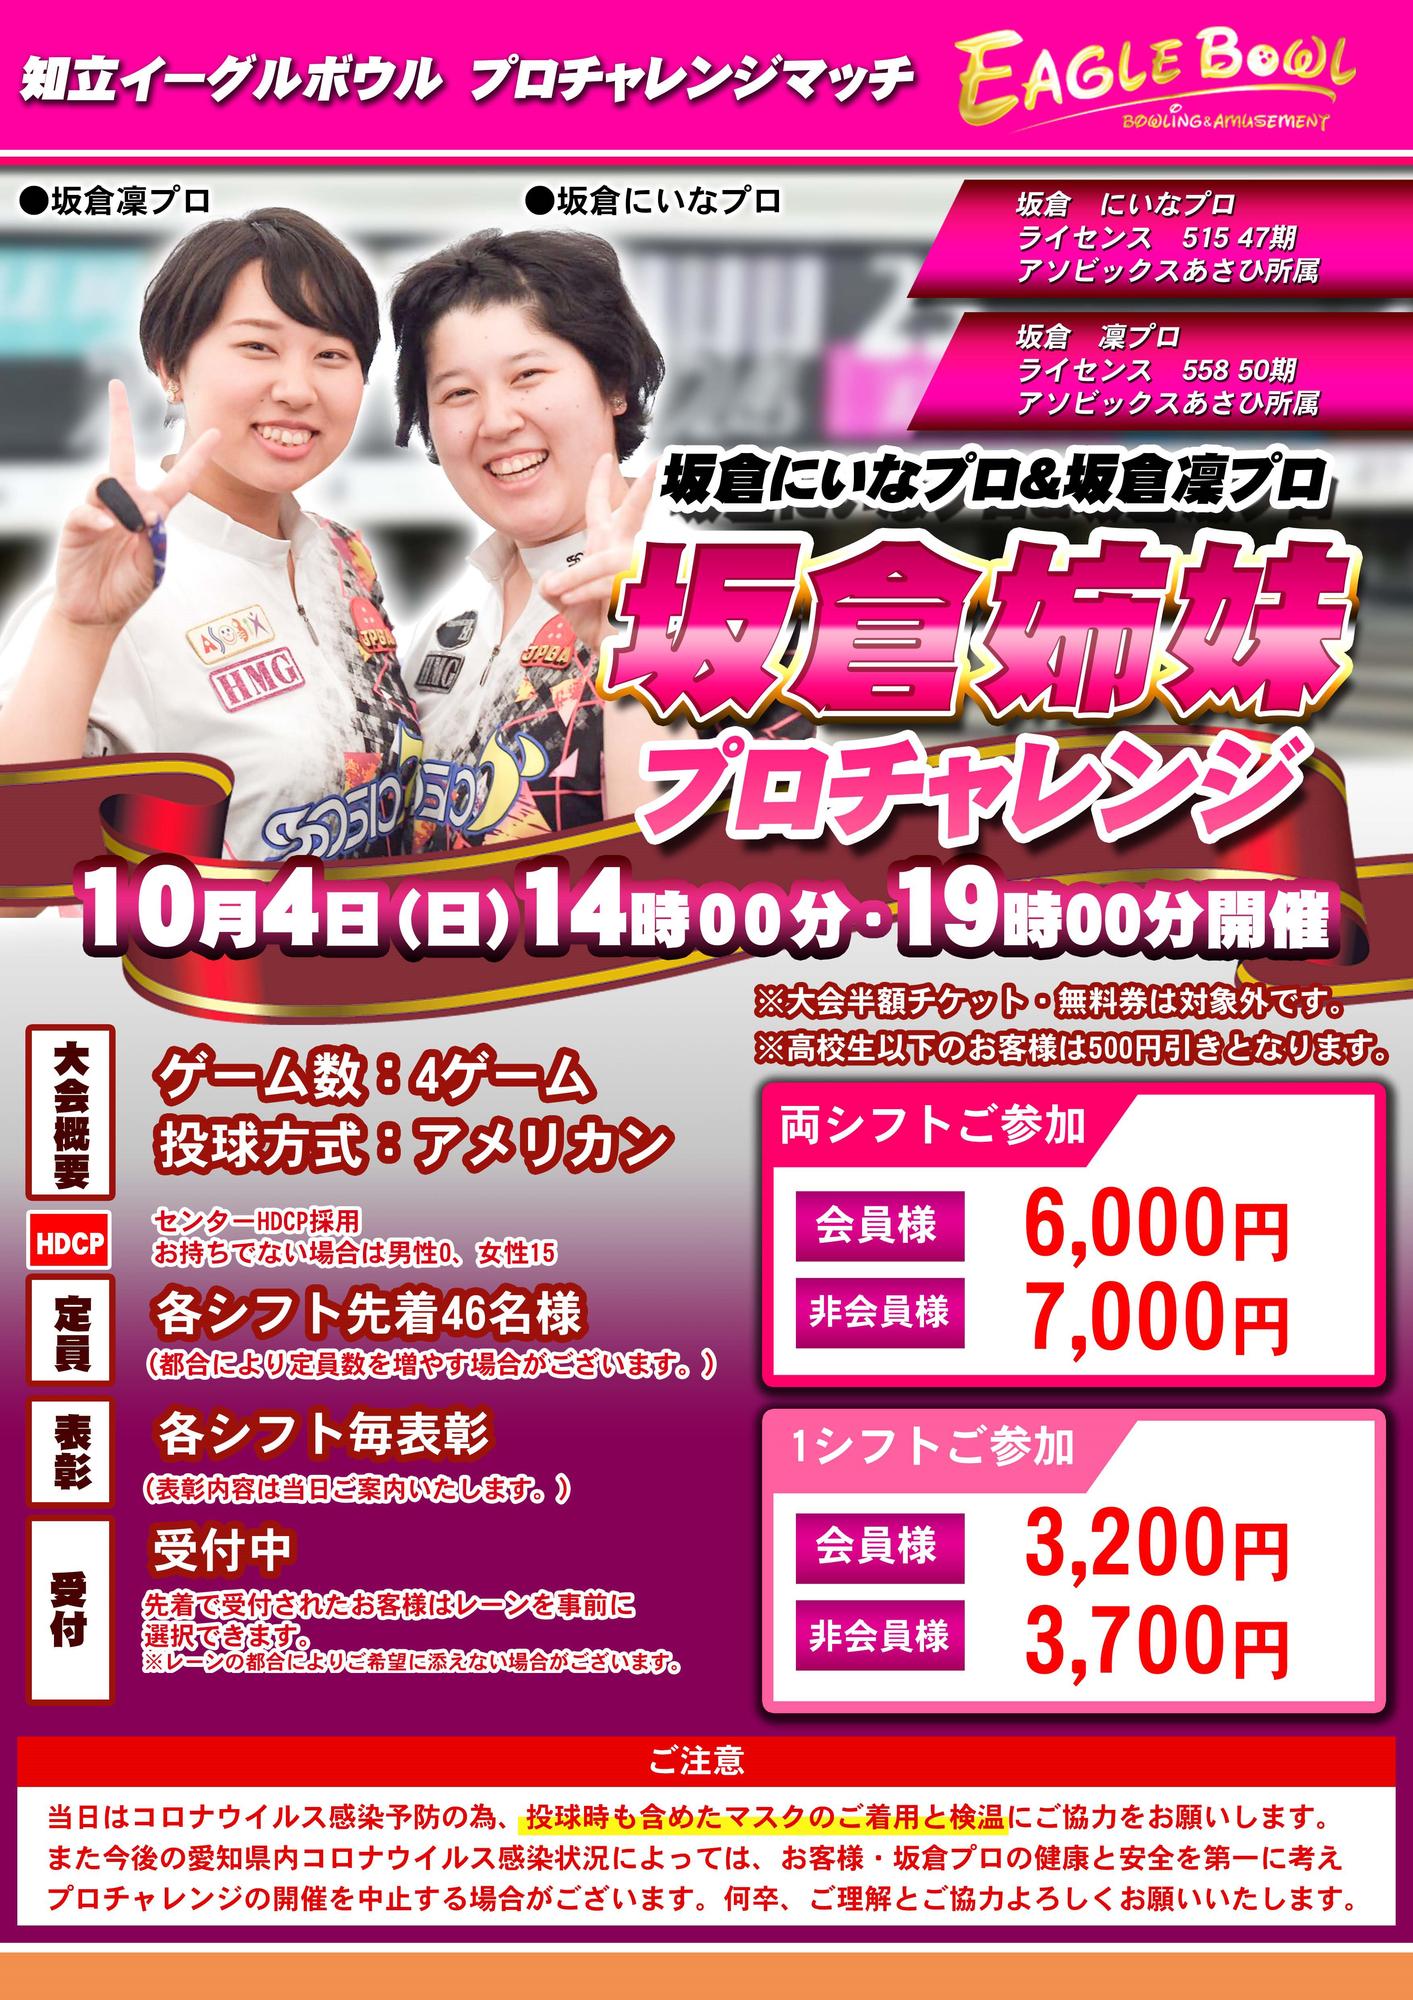 10/4 坂倉にいなプロ&坂倉凛プロチャレンジ